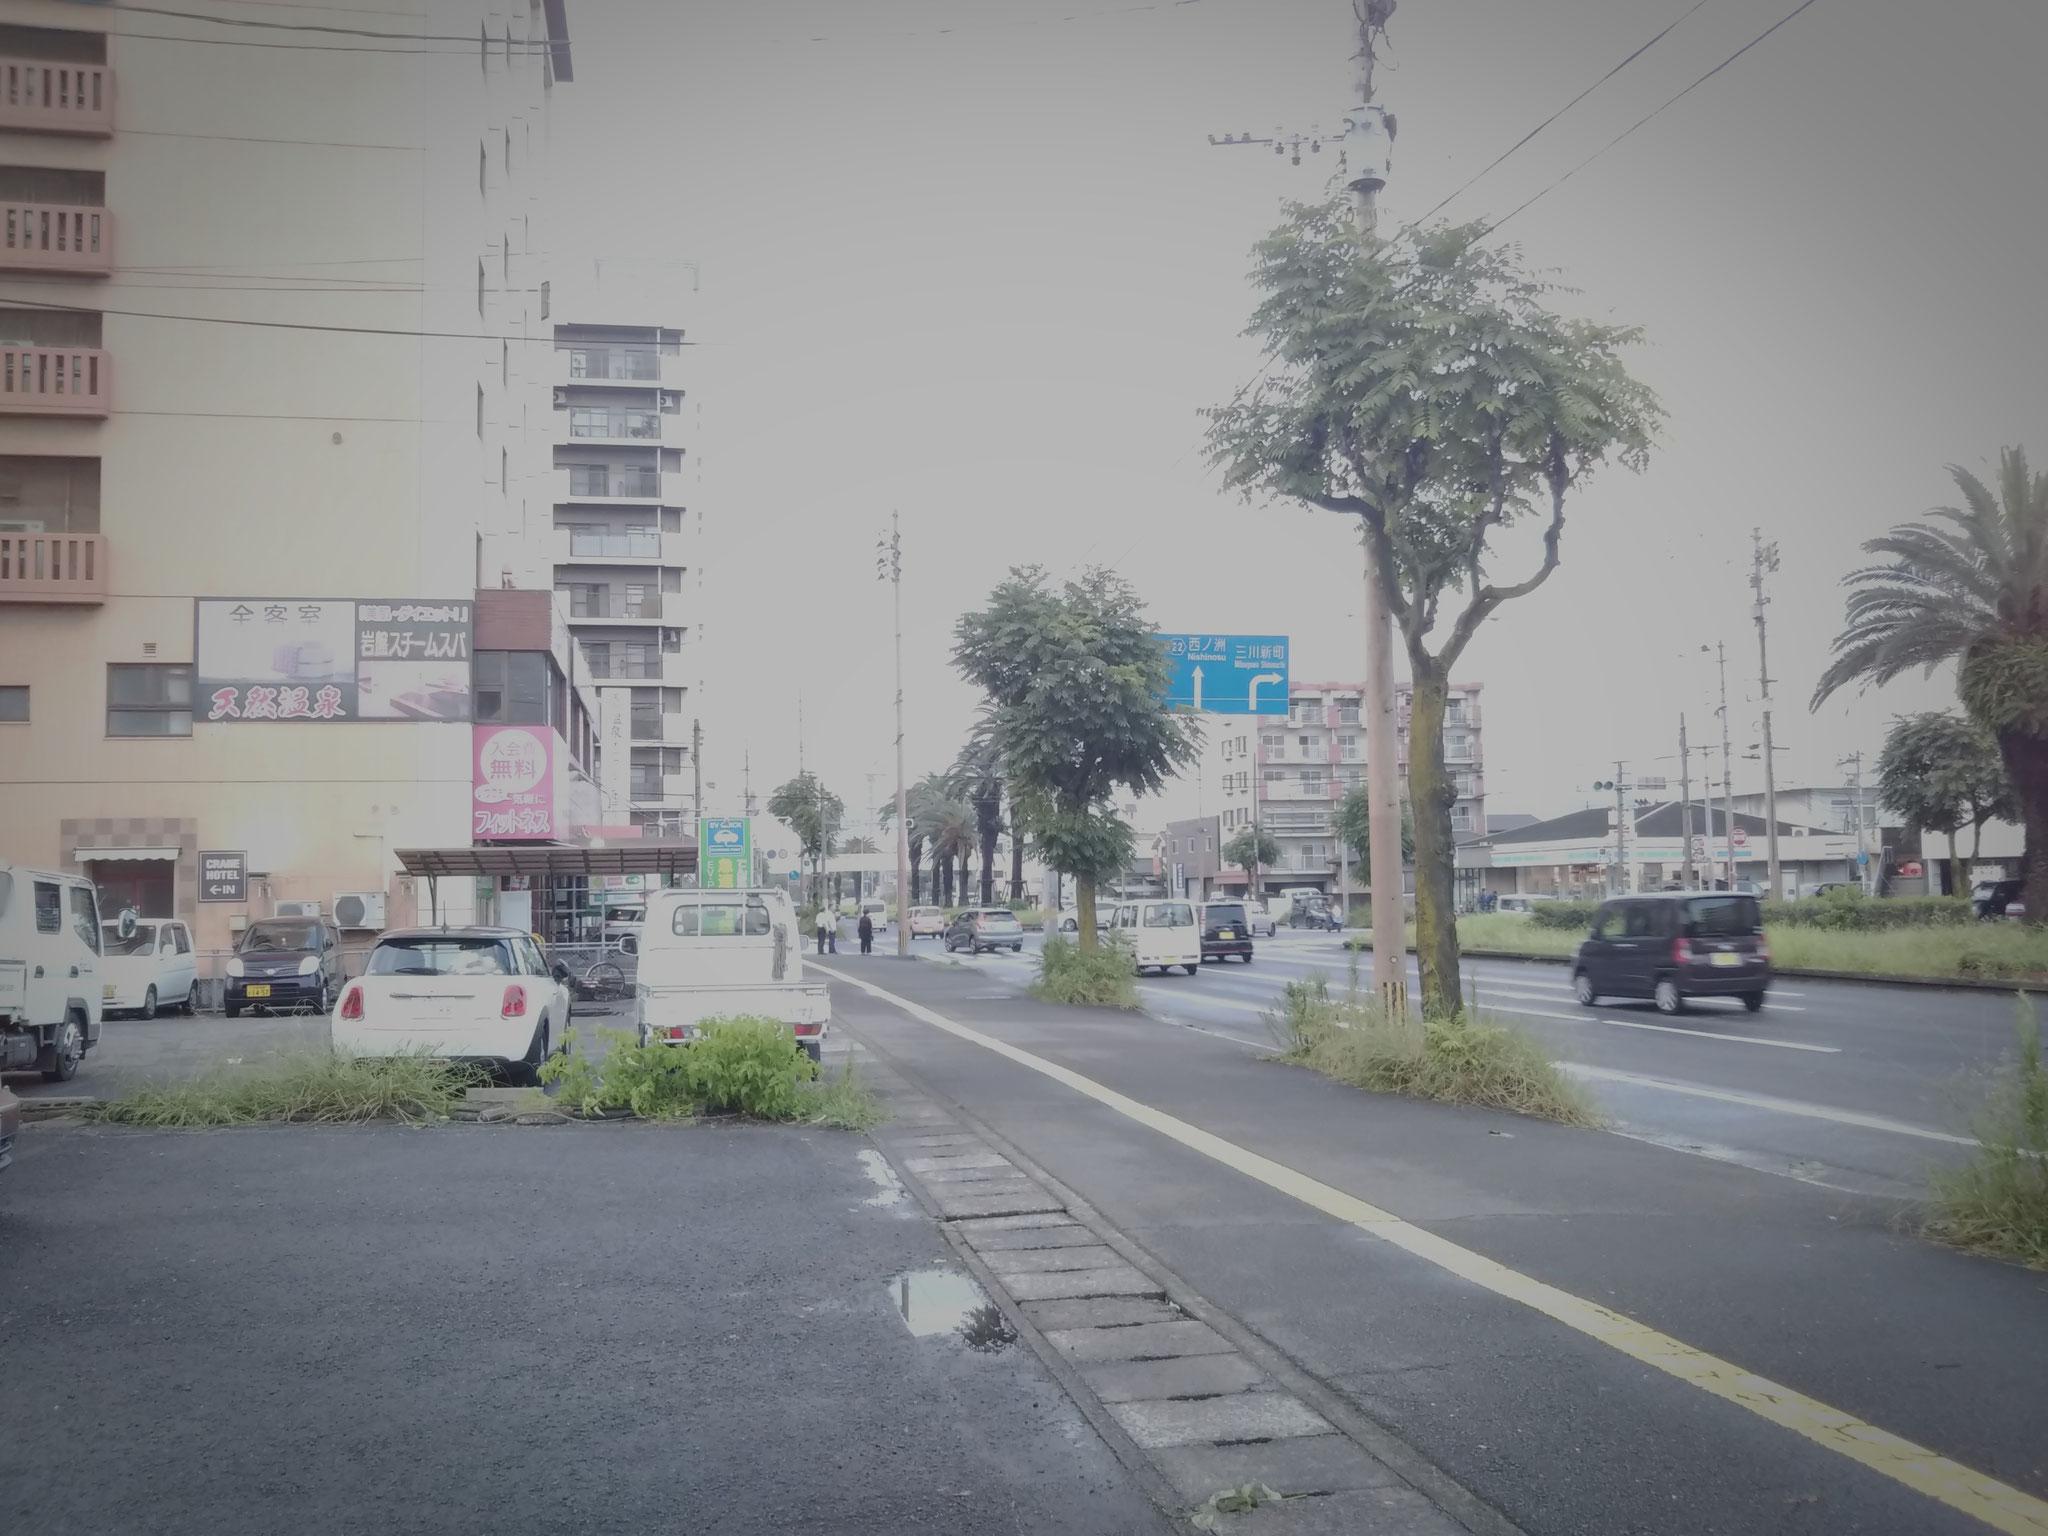 高城駅前から日本製鉄へ向かって左側にあります